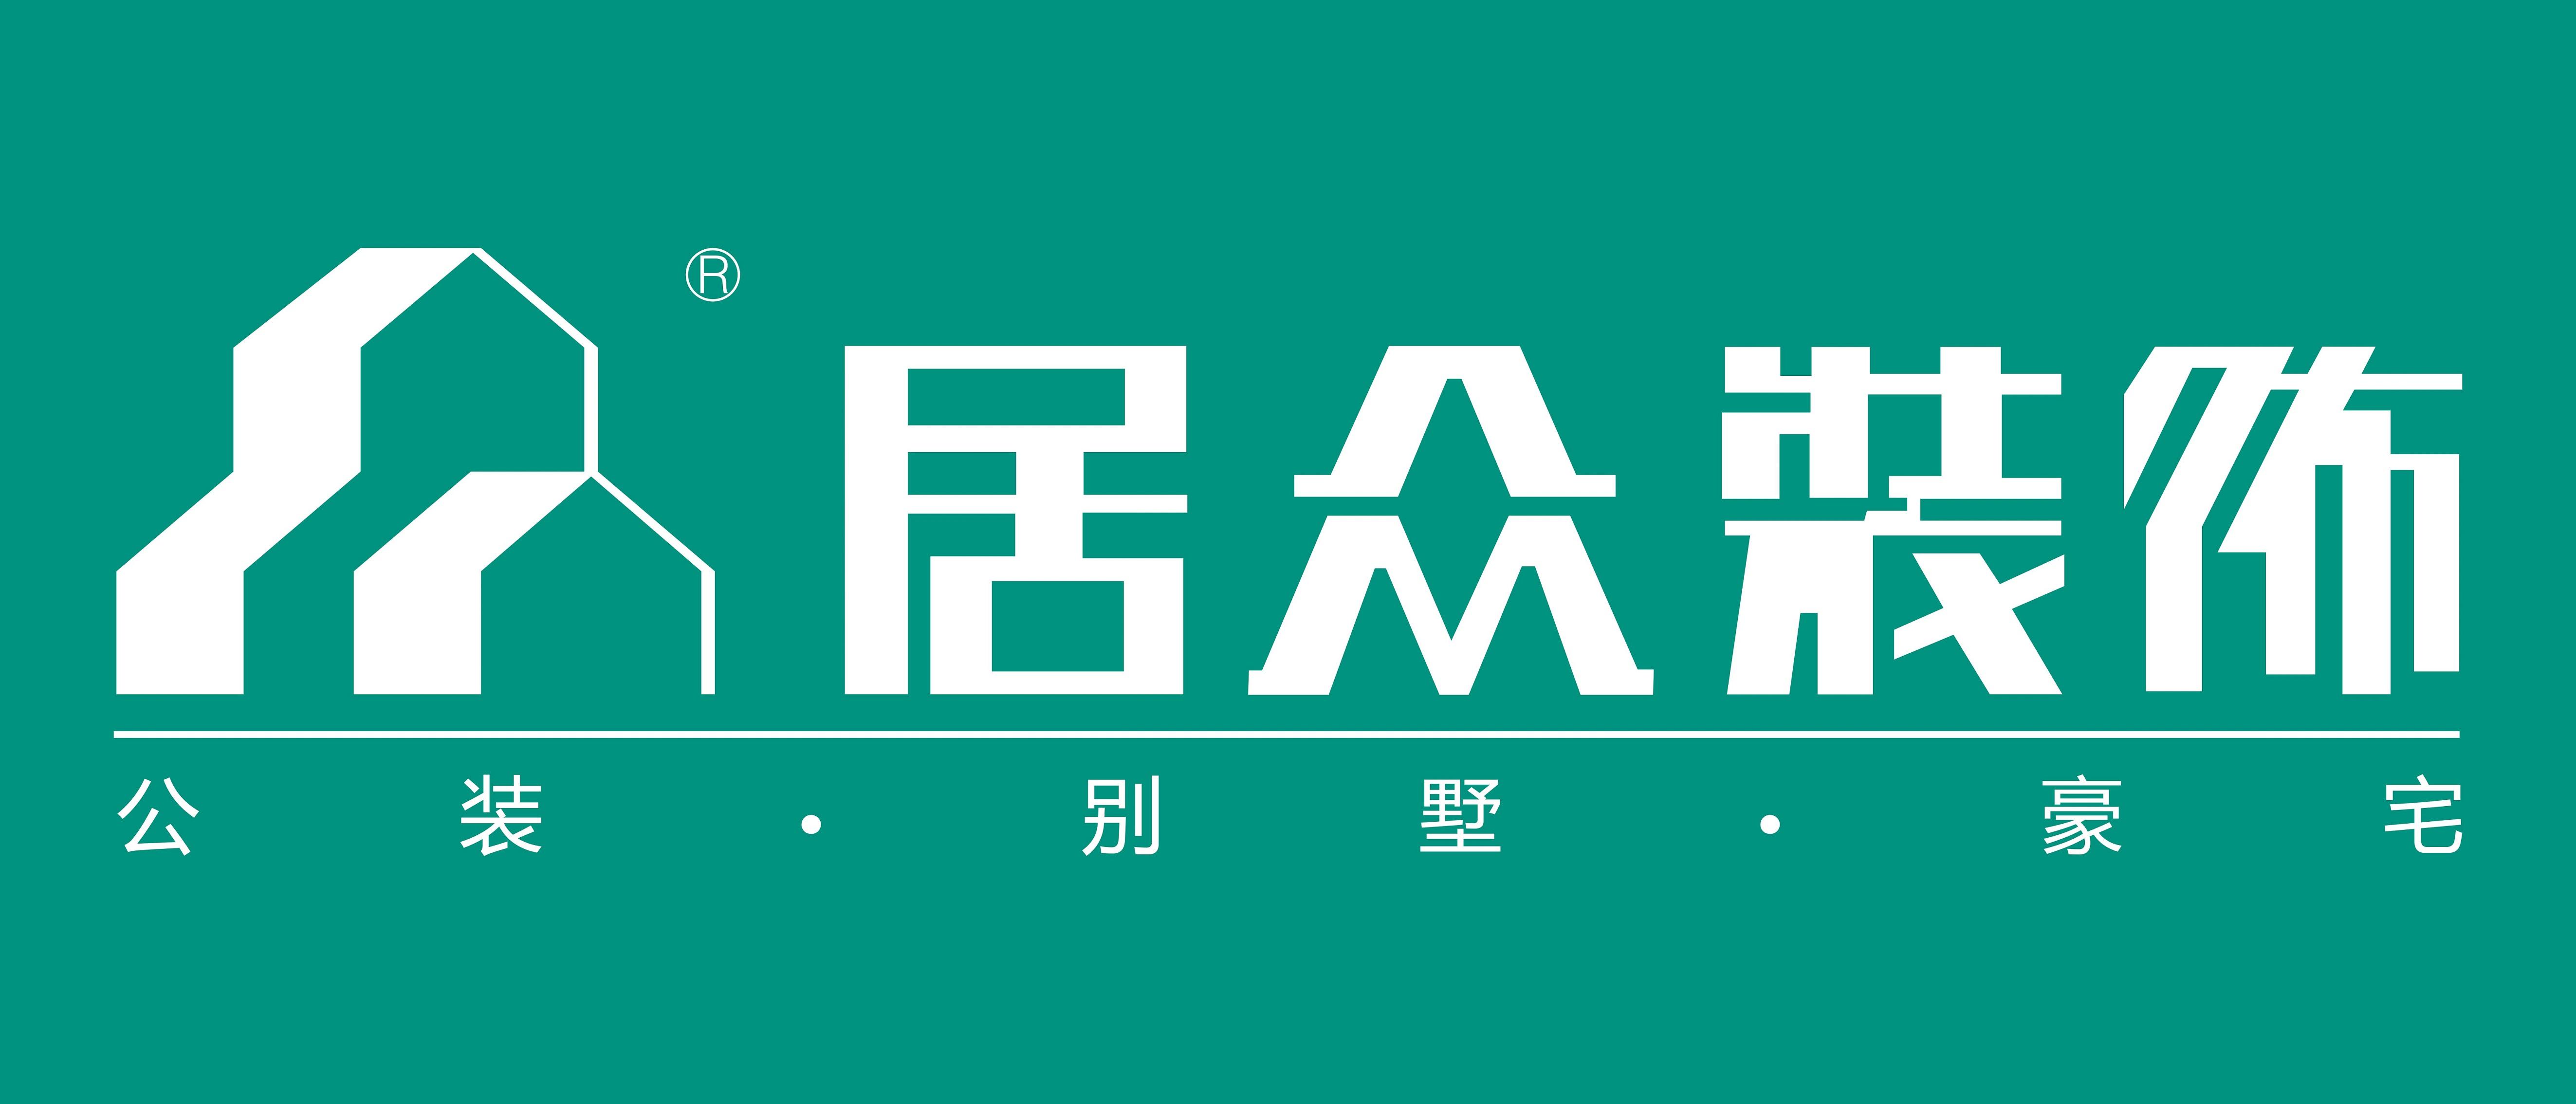 深圳市居众装饰设计工程有限公司苏州分公司 - 苏州装修公司